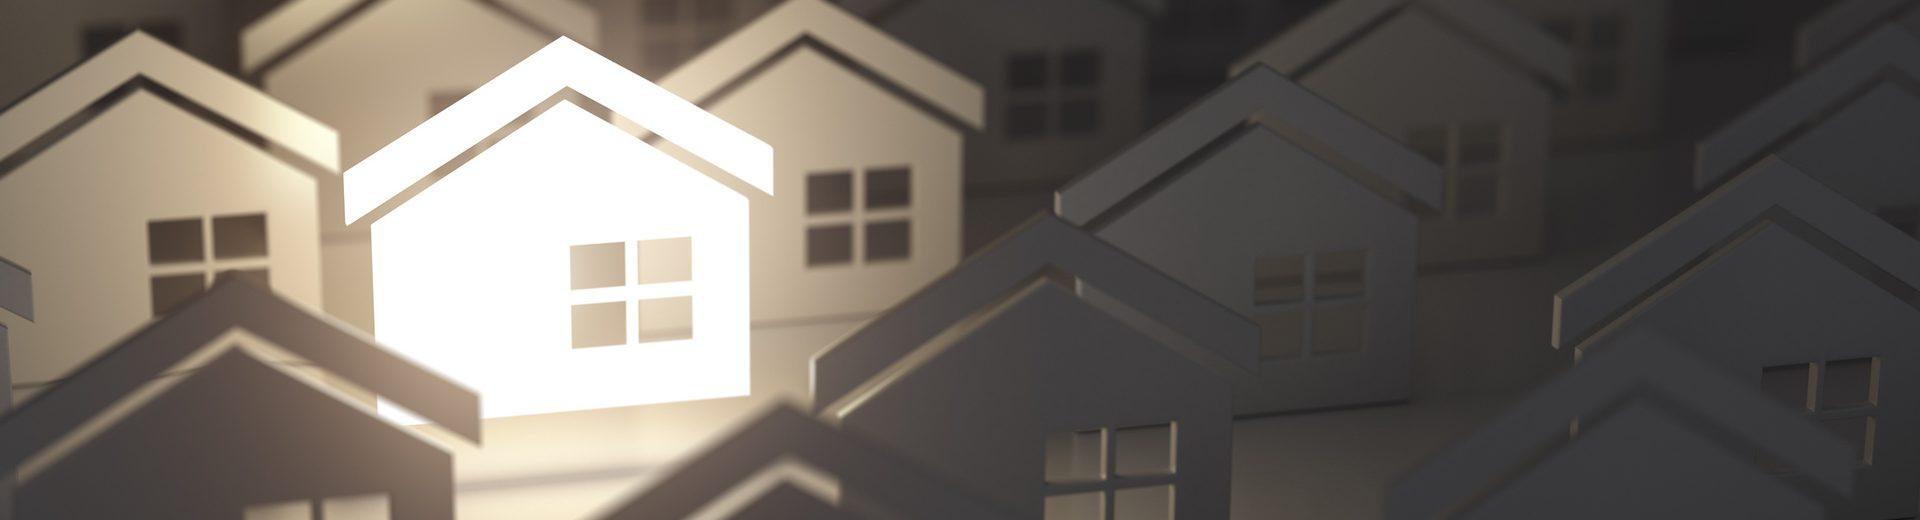 maisons de papier conformité befa